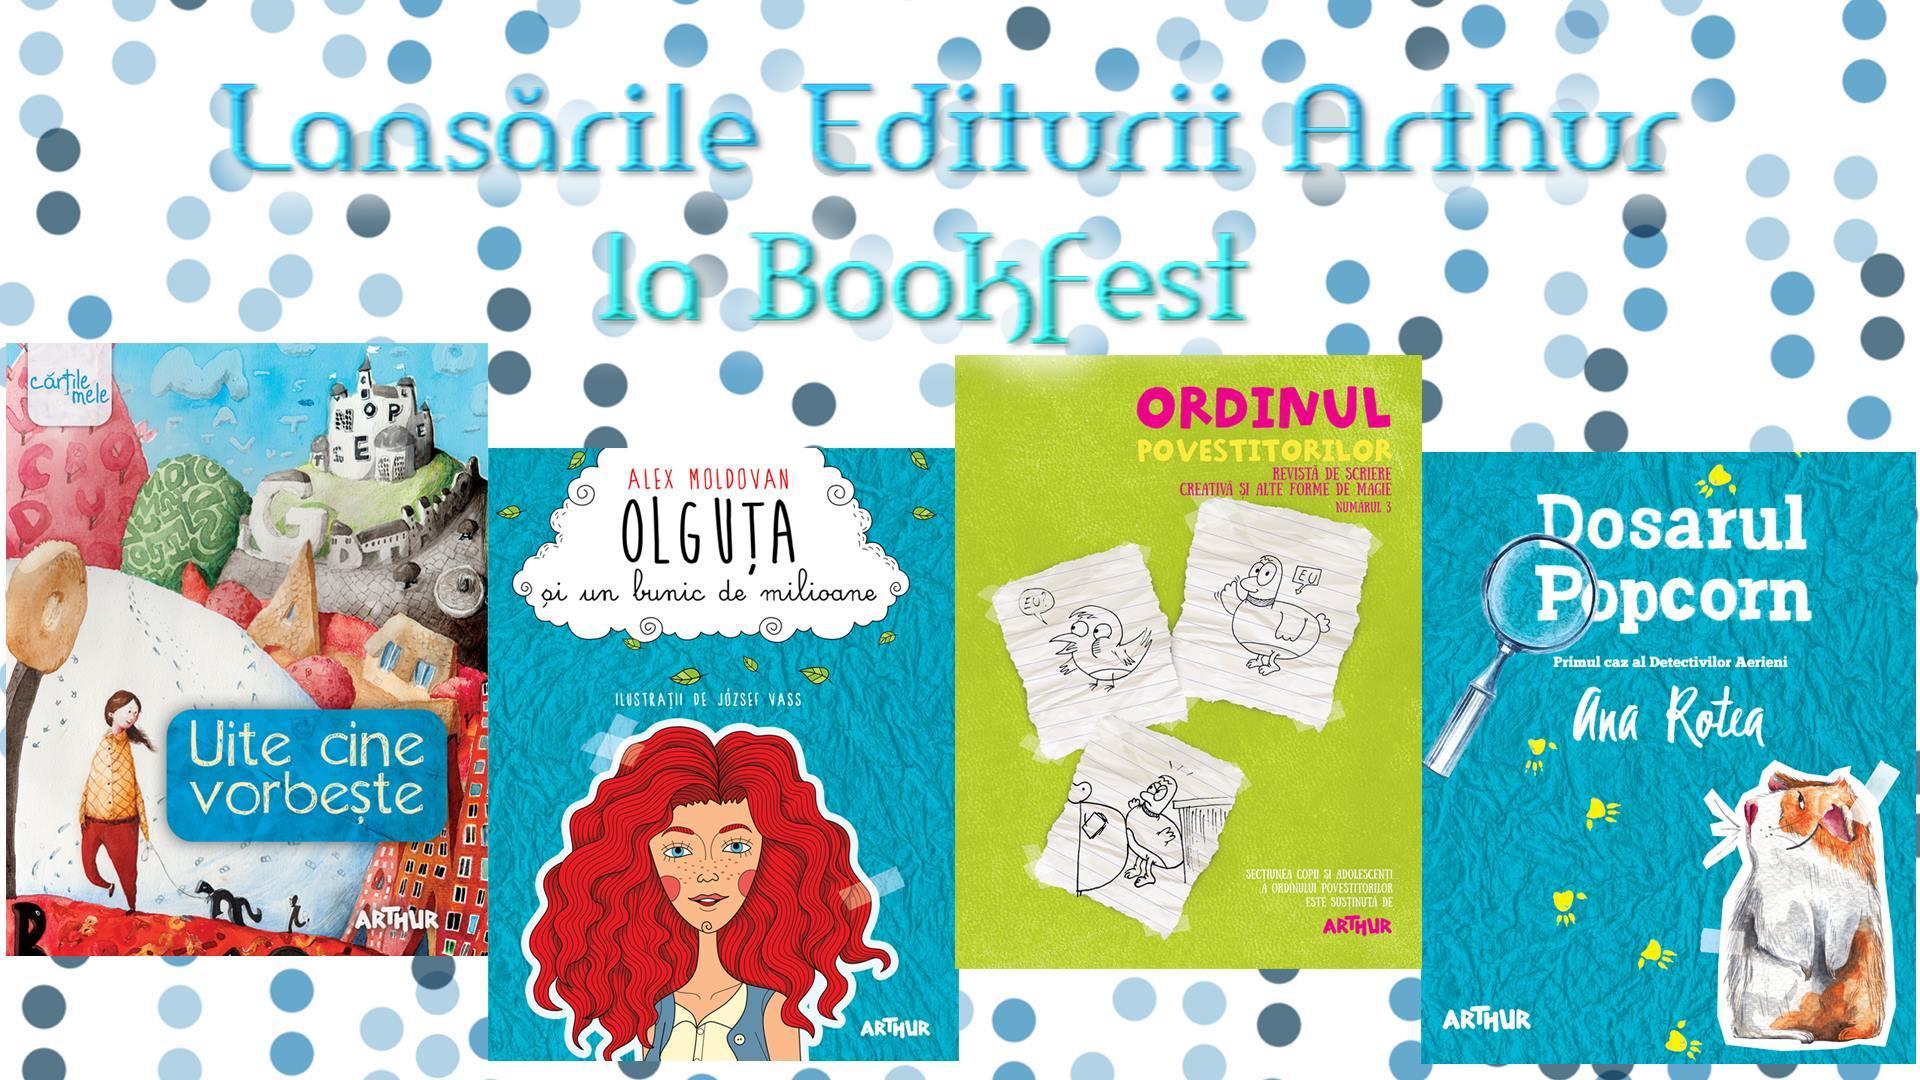 Lansările editurii Arthur la Bookfest 2016